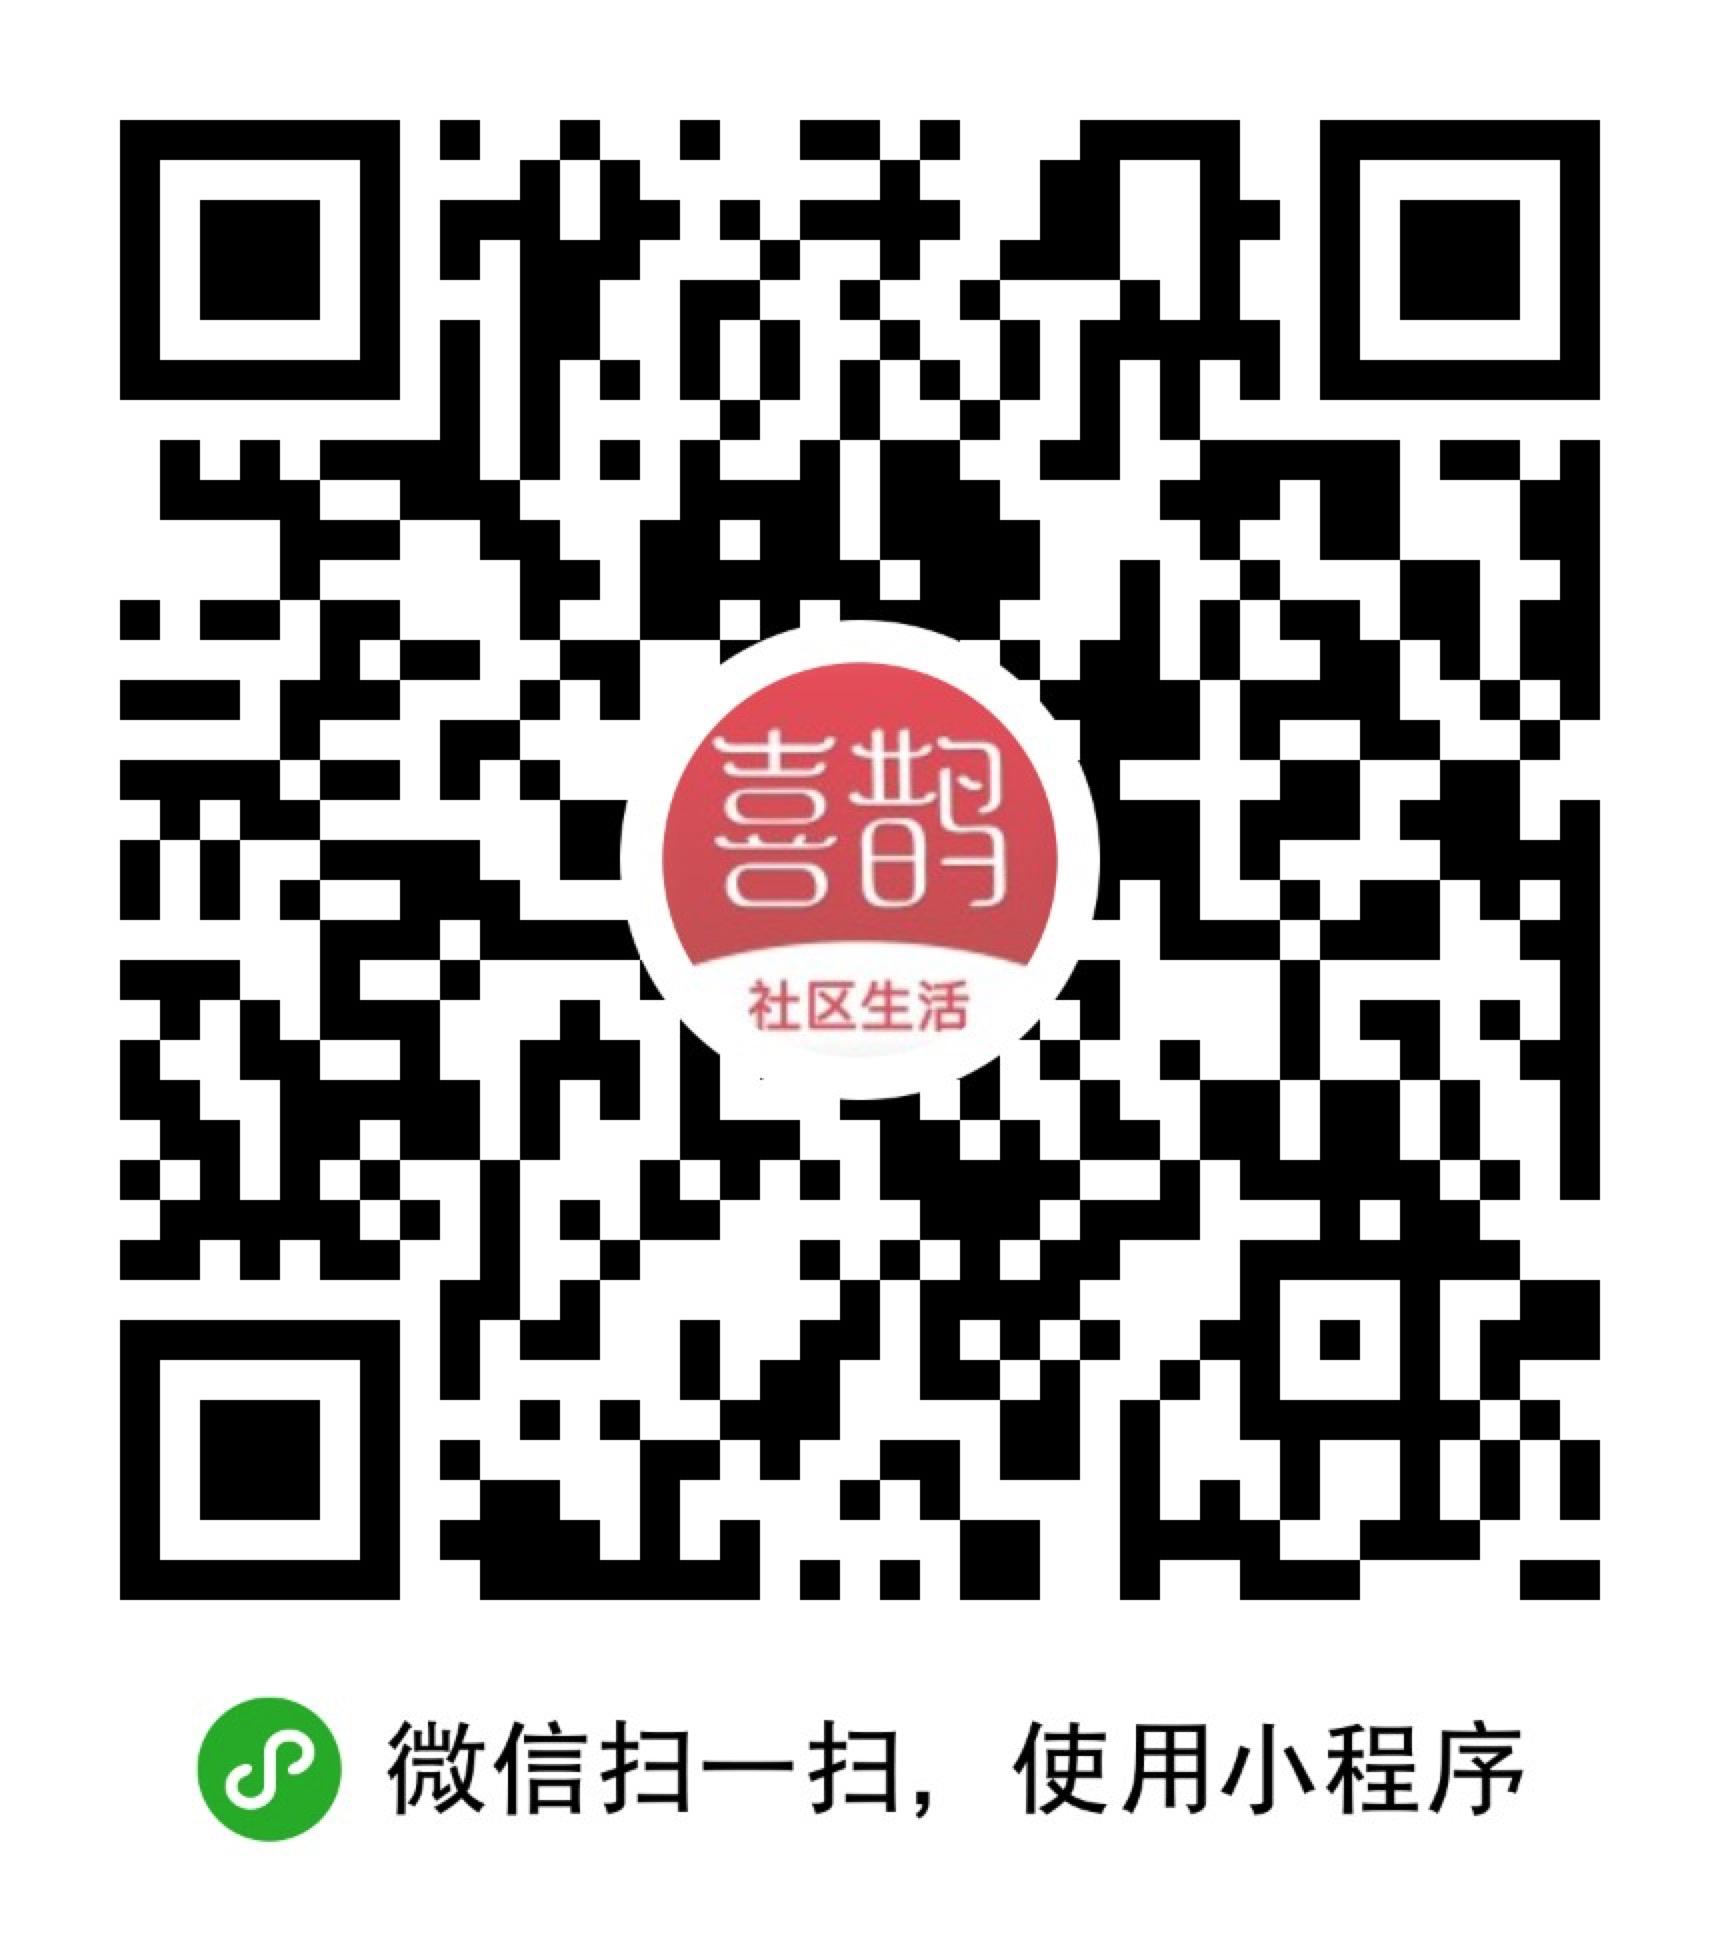 喜鹊社区app-微信小程序二维码